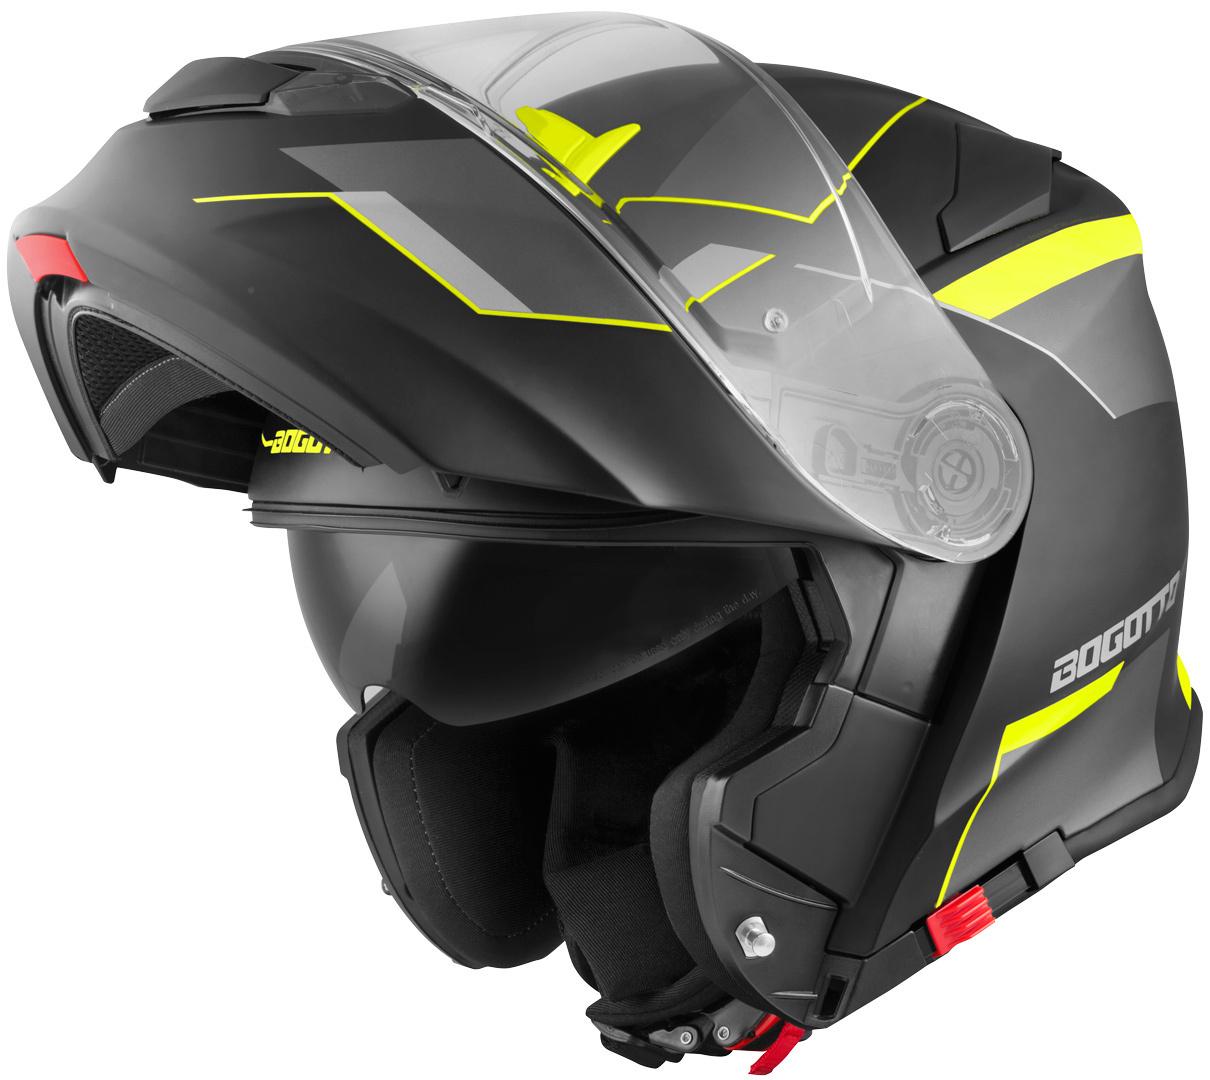 Bogotto V271 Delta Klapphelm, schwarz-gelb, Größe XL, schwarz-gelb, Größe XL